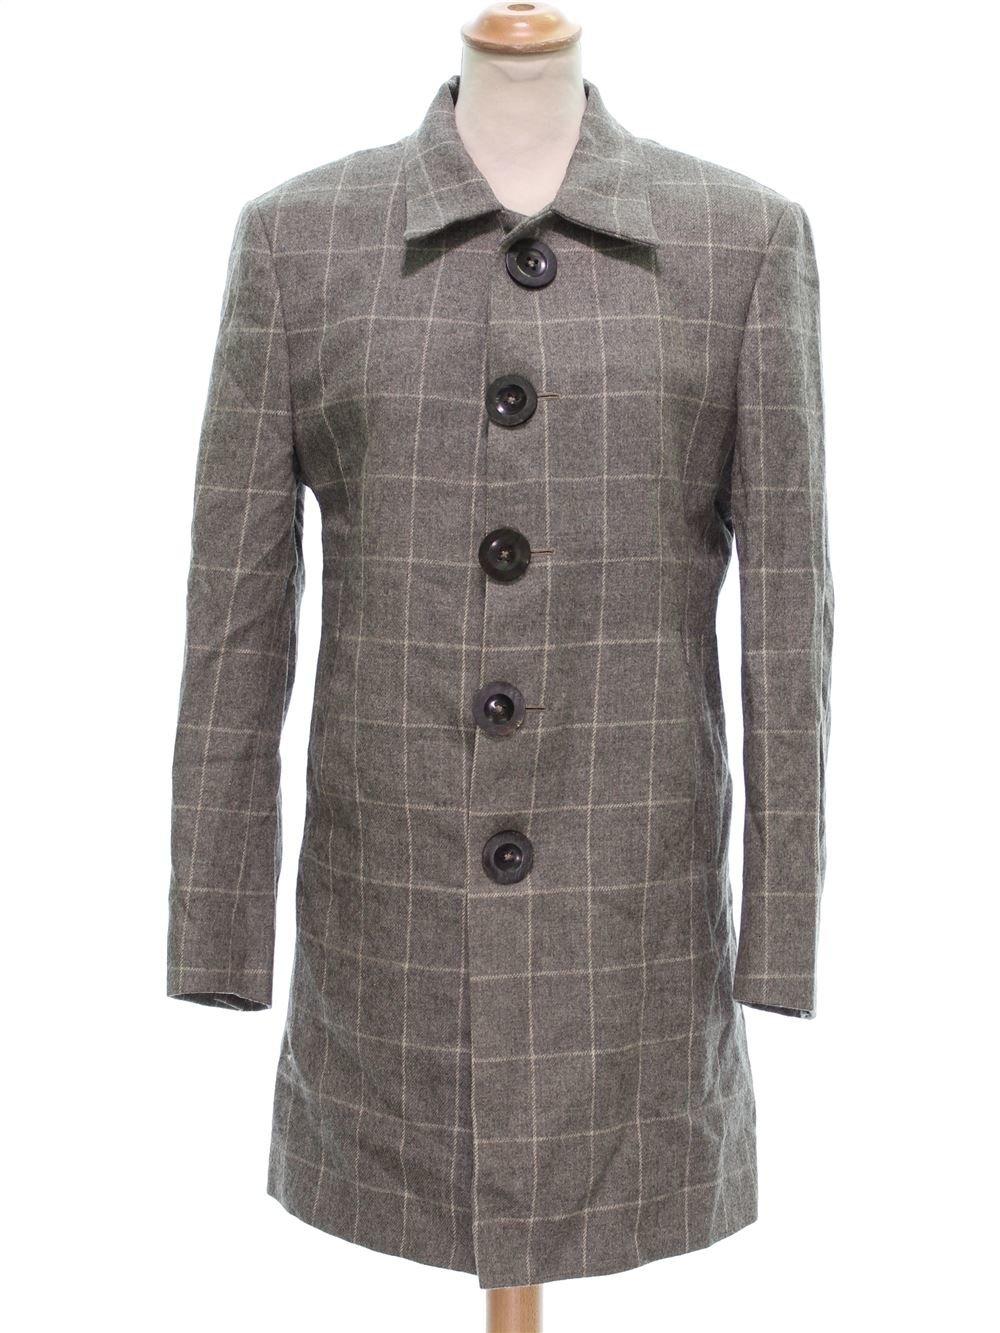 date de sortie plusieurs couleurs toujours populaire Manteau Femme SANS MARQUE M pas cher, 6.88 € - #1452379